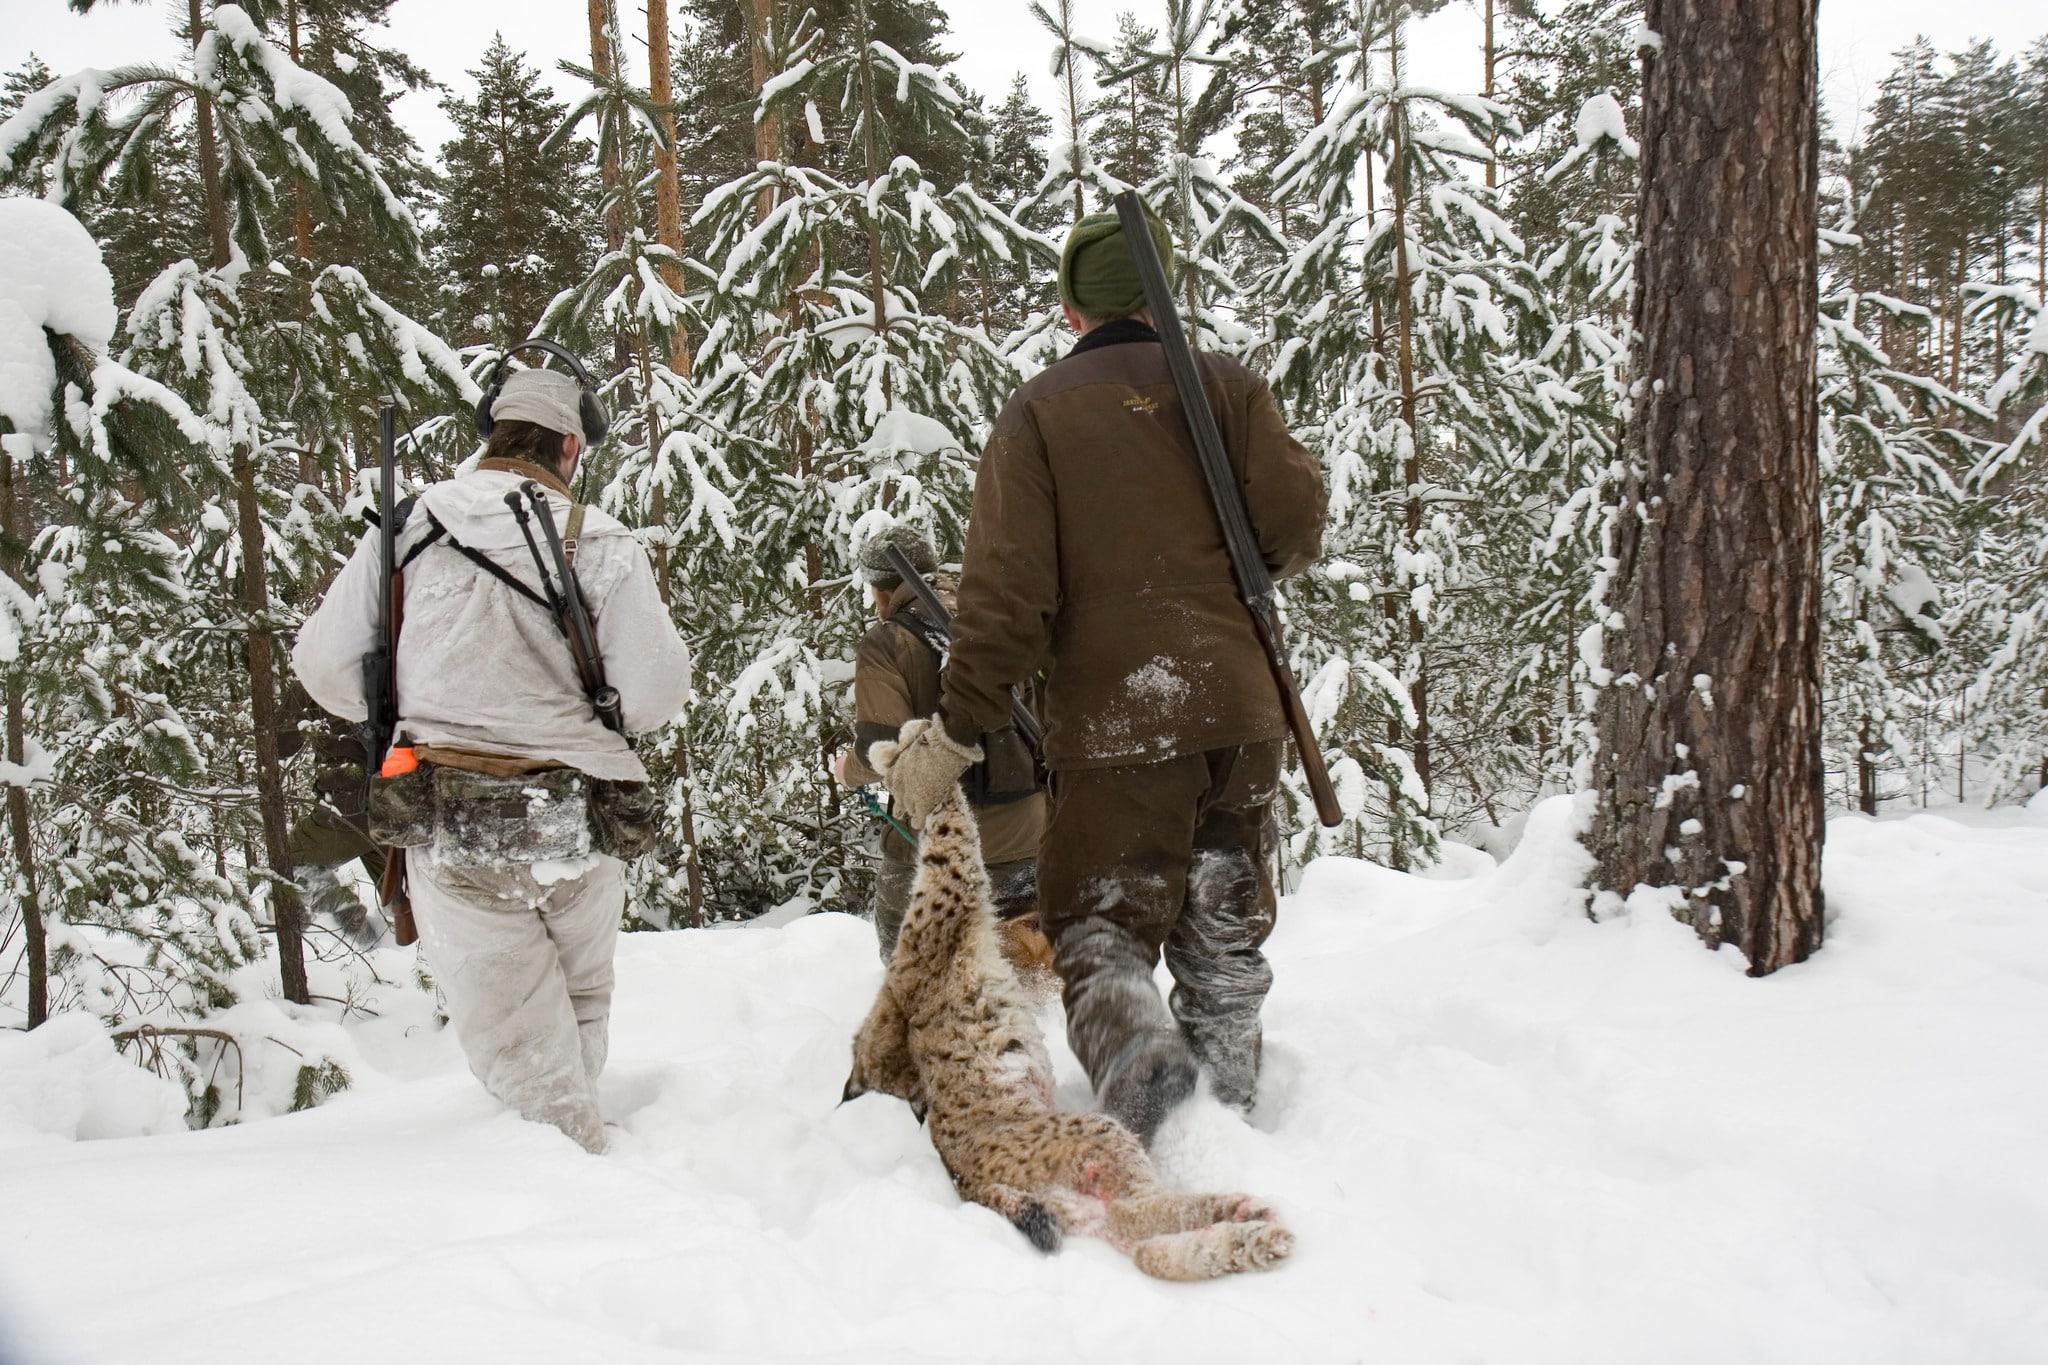 Endast ett lodjur återstår av tilldelningen i Västerbotten. Foto: Olle Olsson